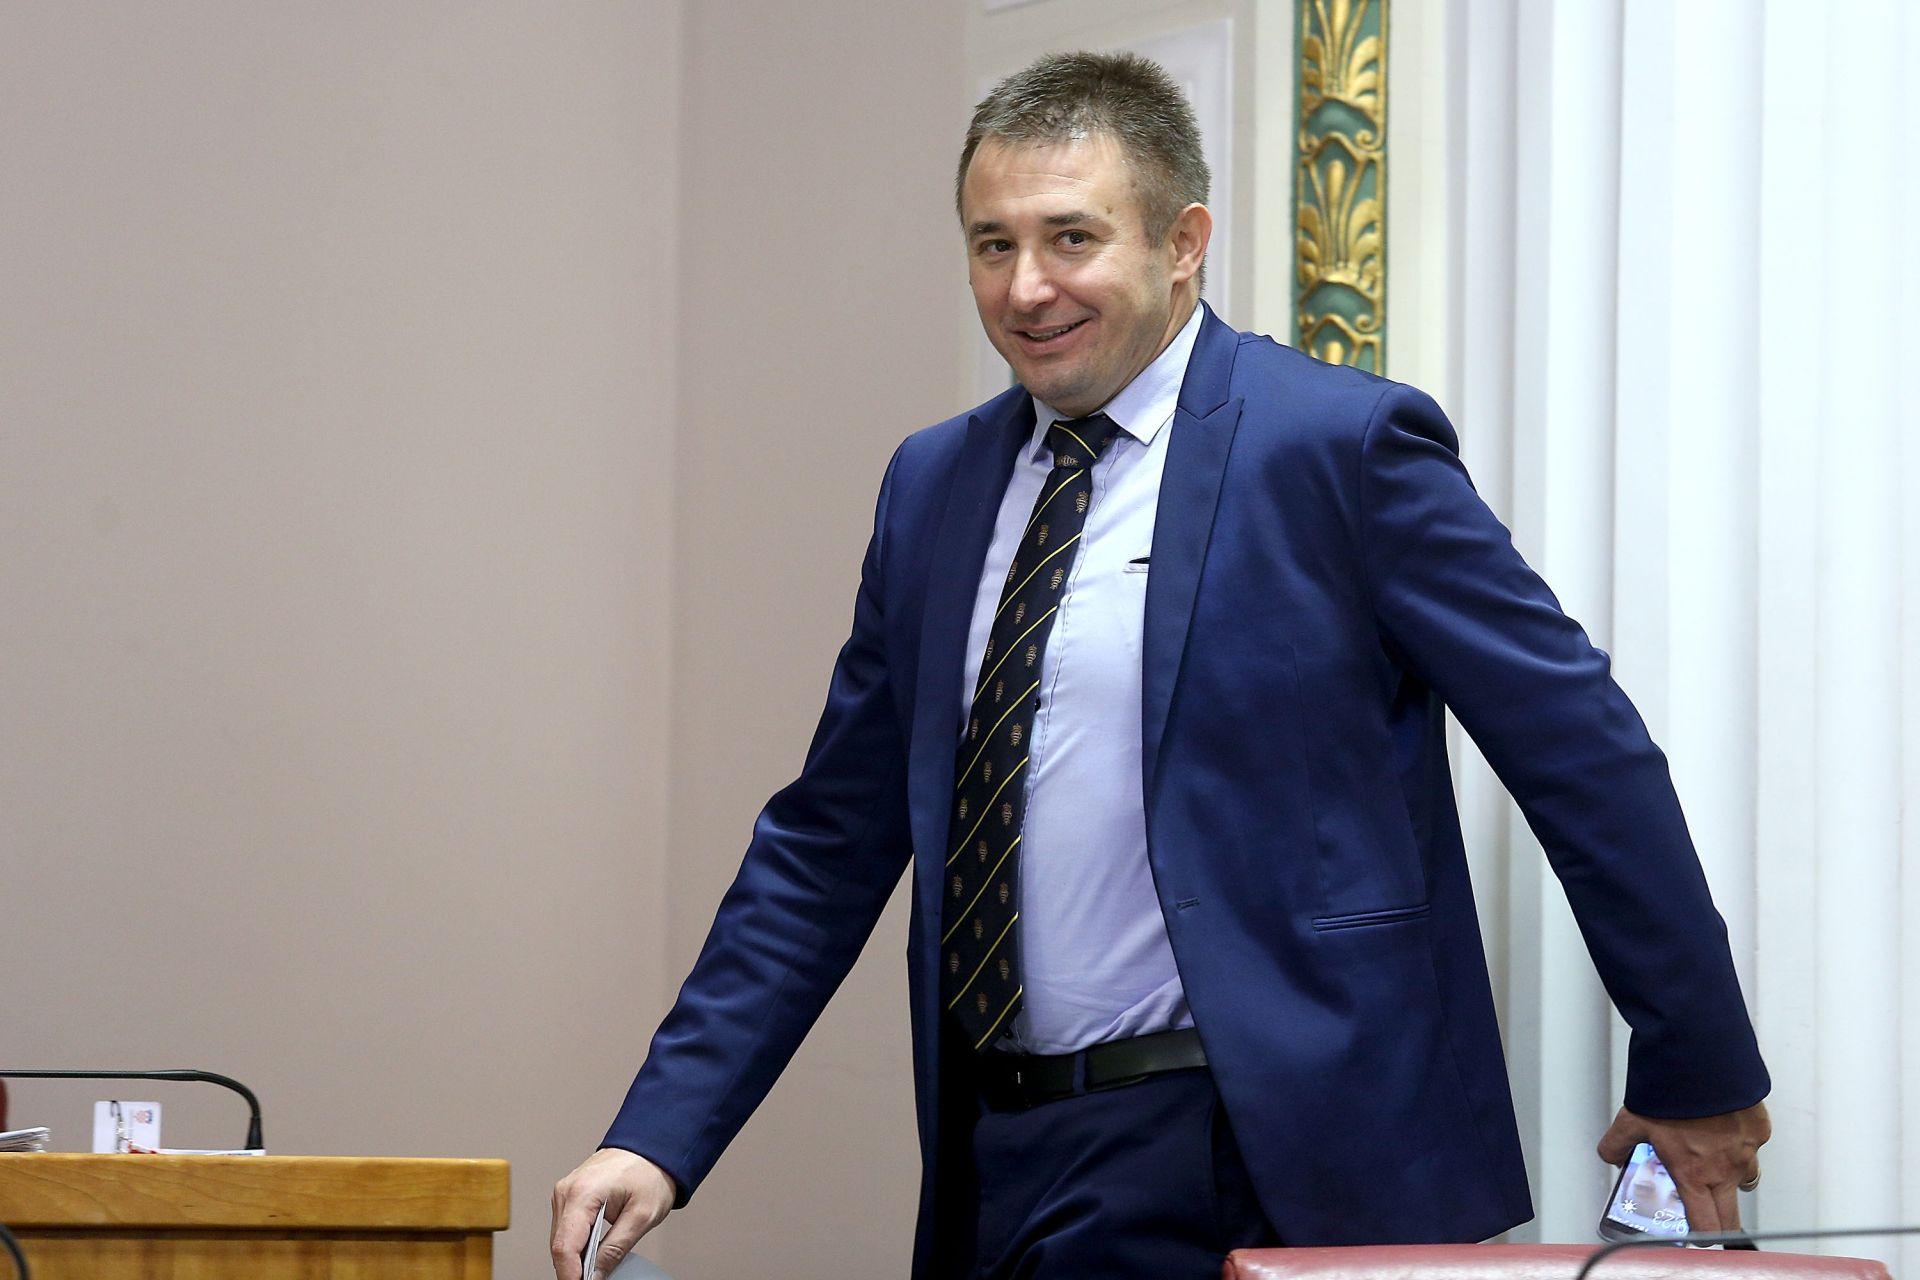 SABOR: Zastupnik Kristić zatražio obustavu građevinske dozvole za projekt Golf na Srđu